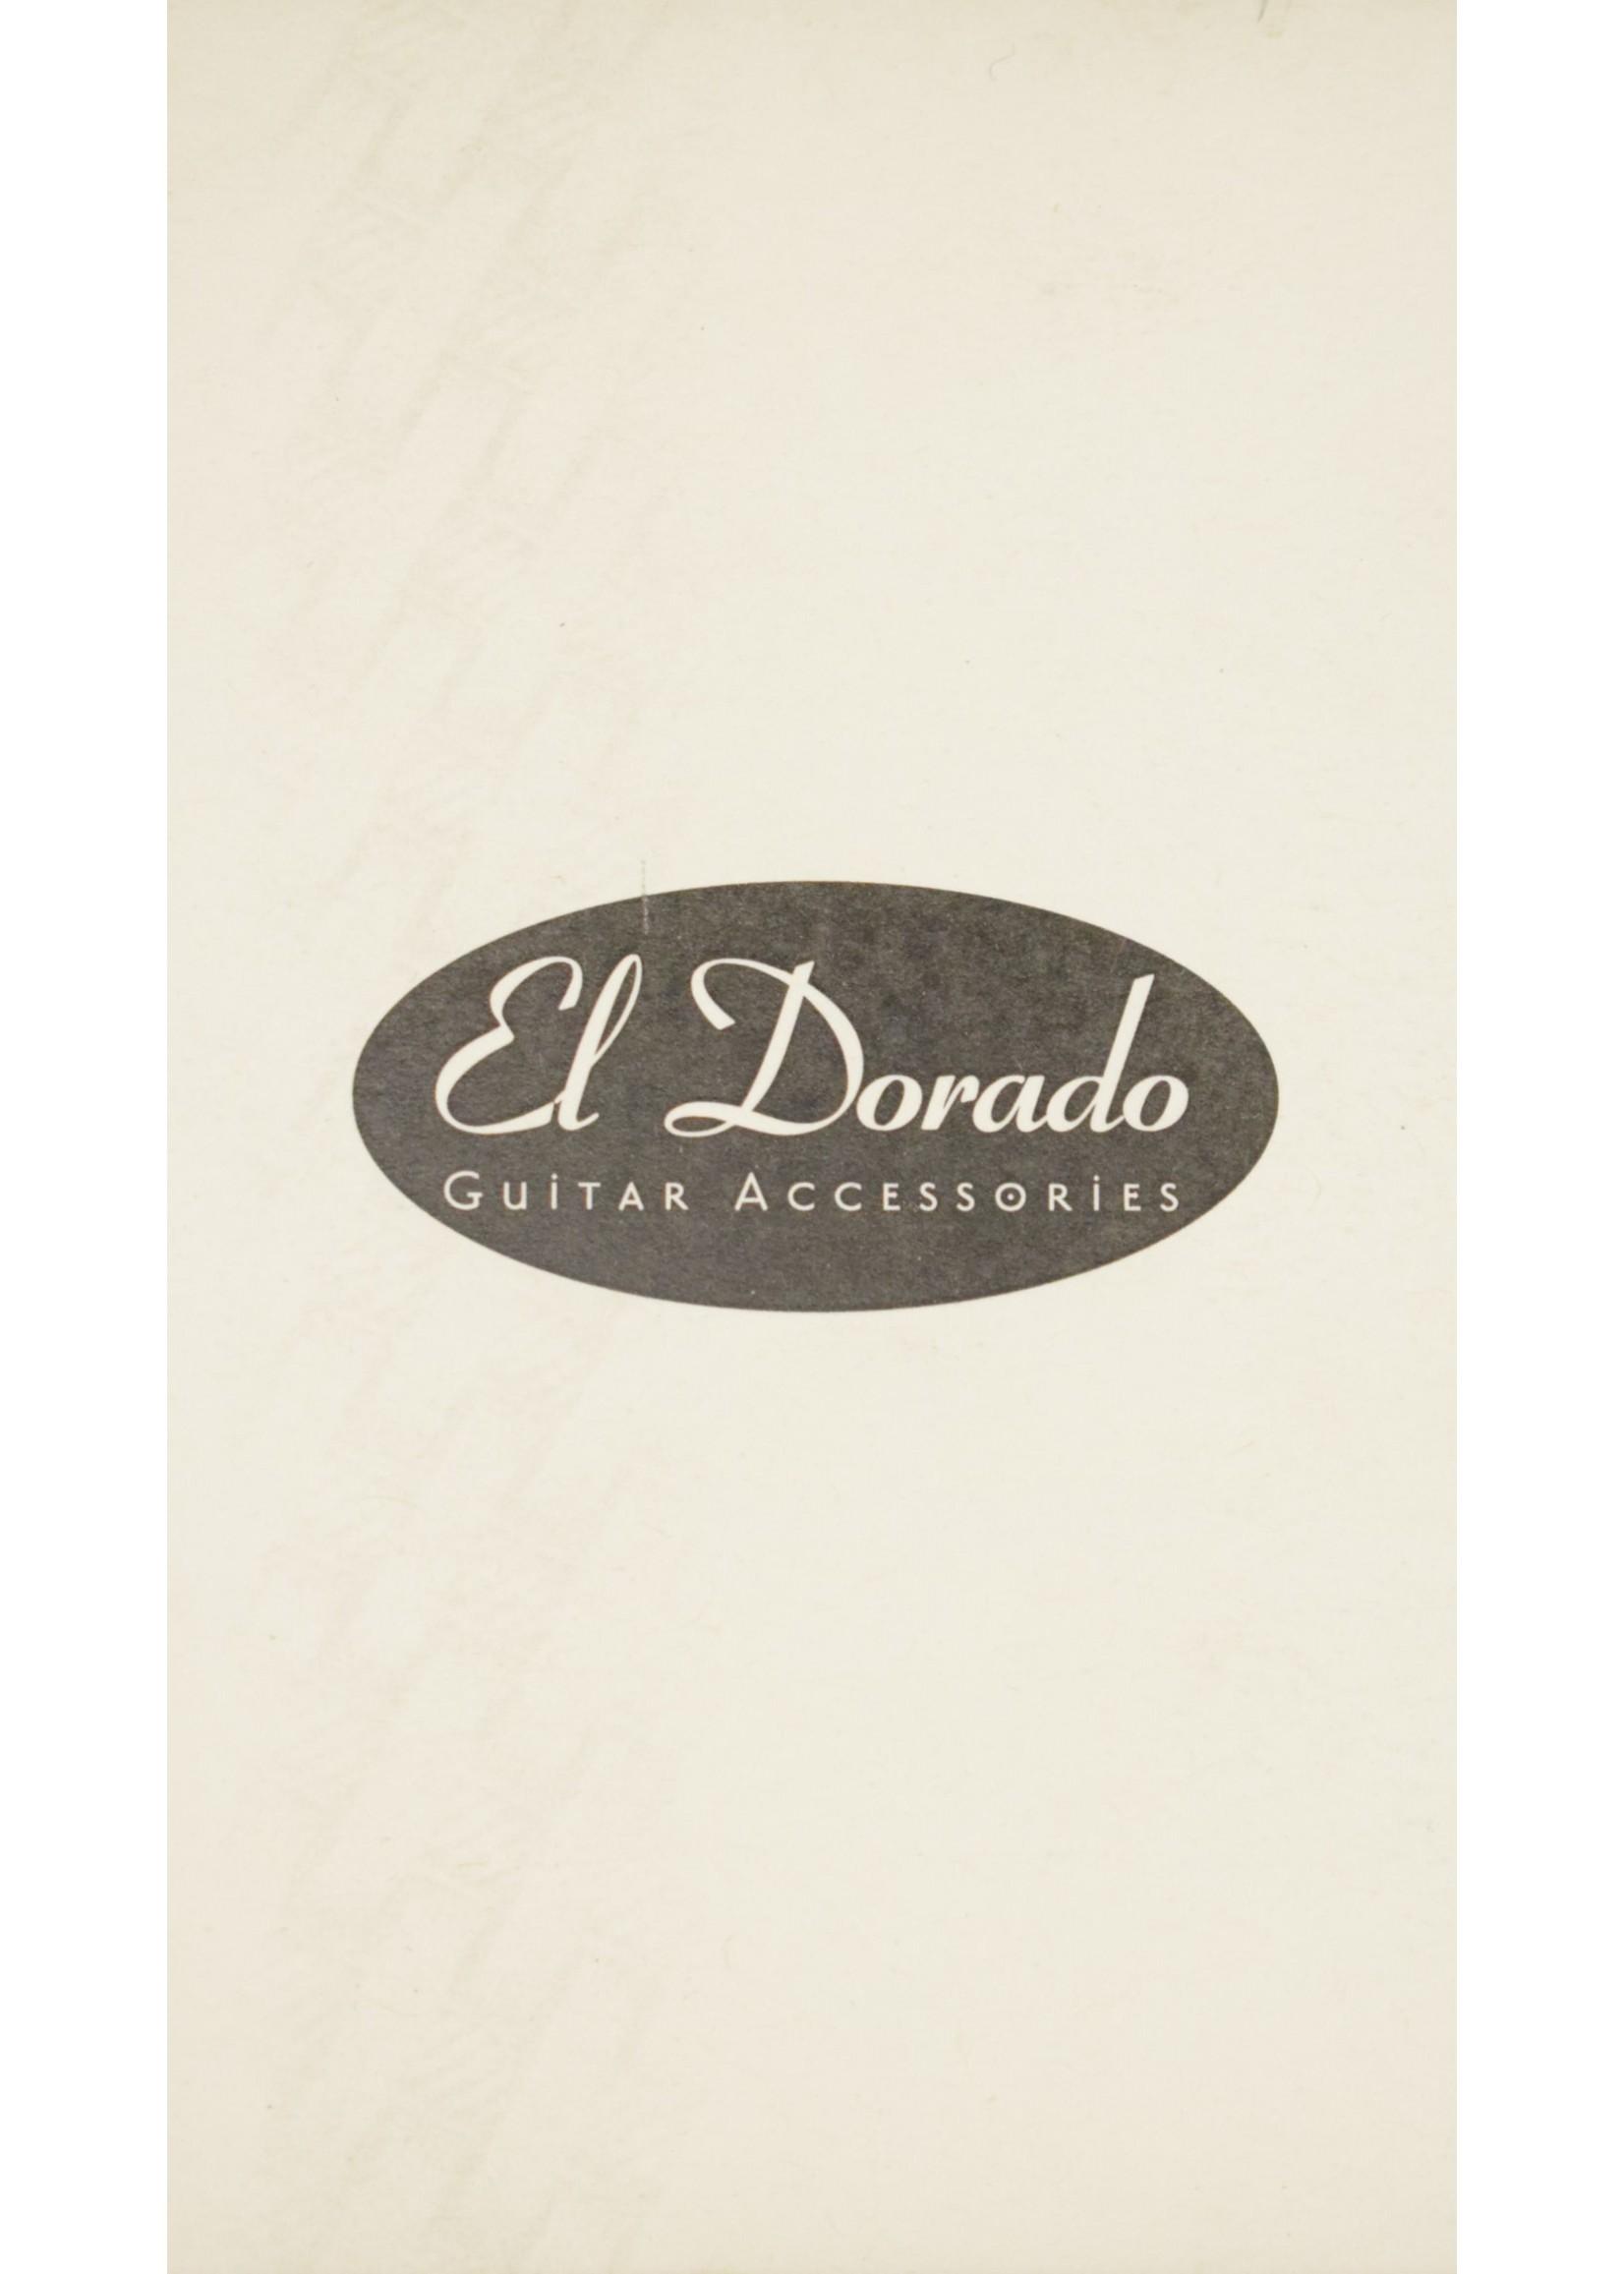 El Dorado El Dorado Hand-Engraved Telecaster Guitar Parts Set Bright Nickel Plated